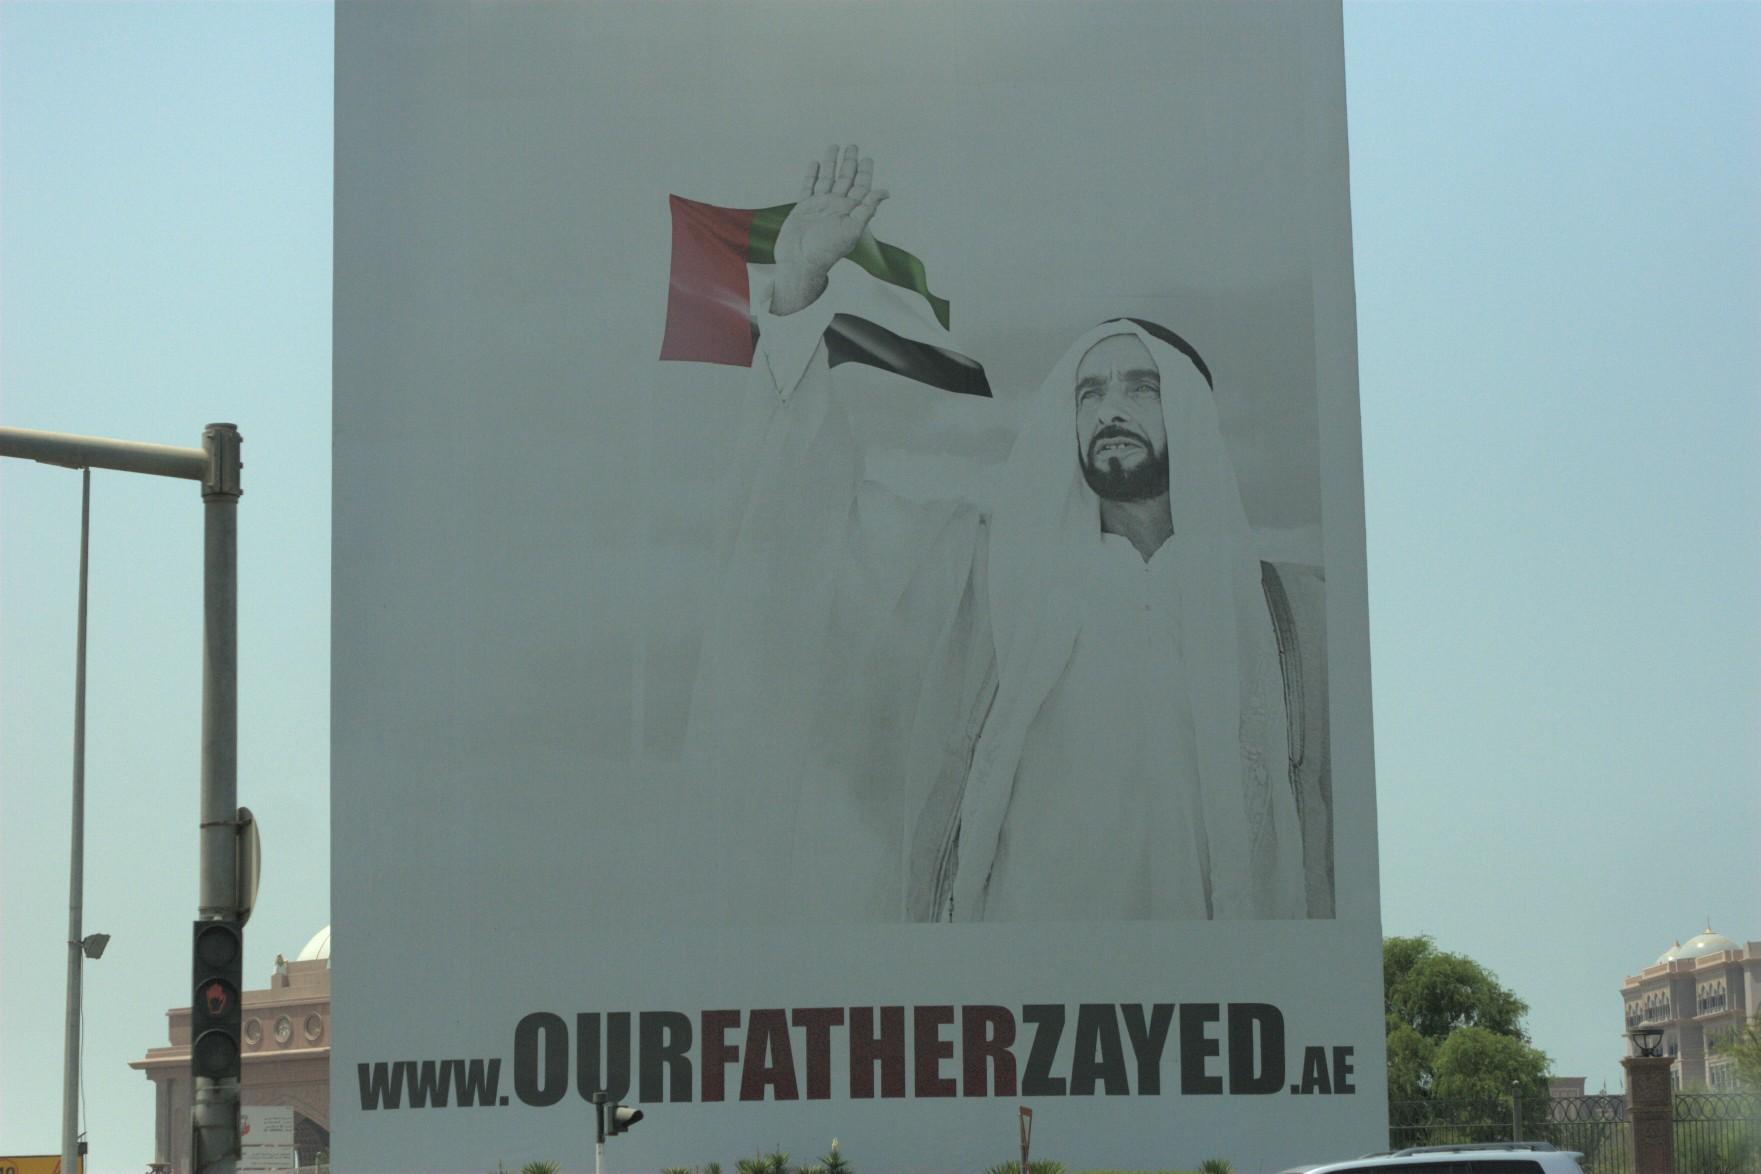 www.ourfatherzayed.ae